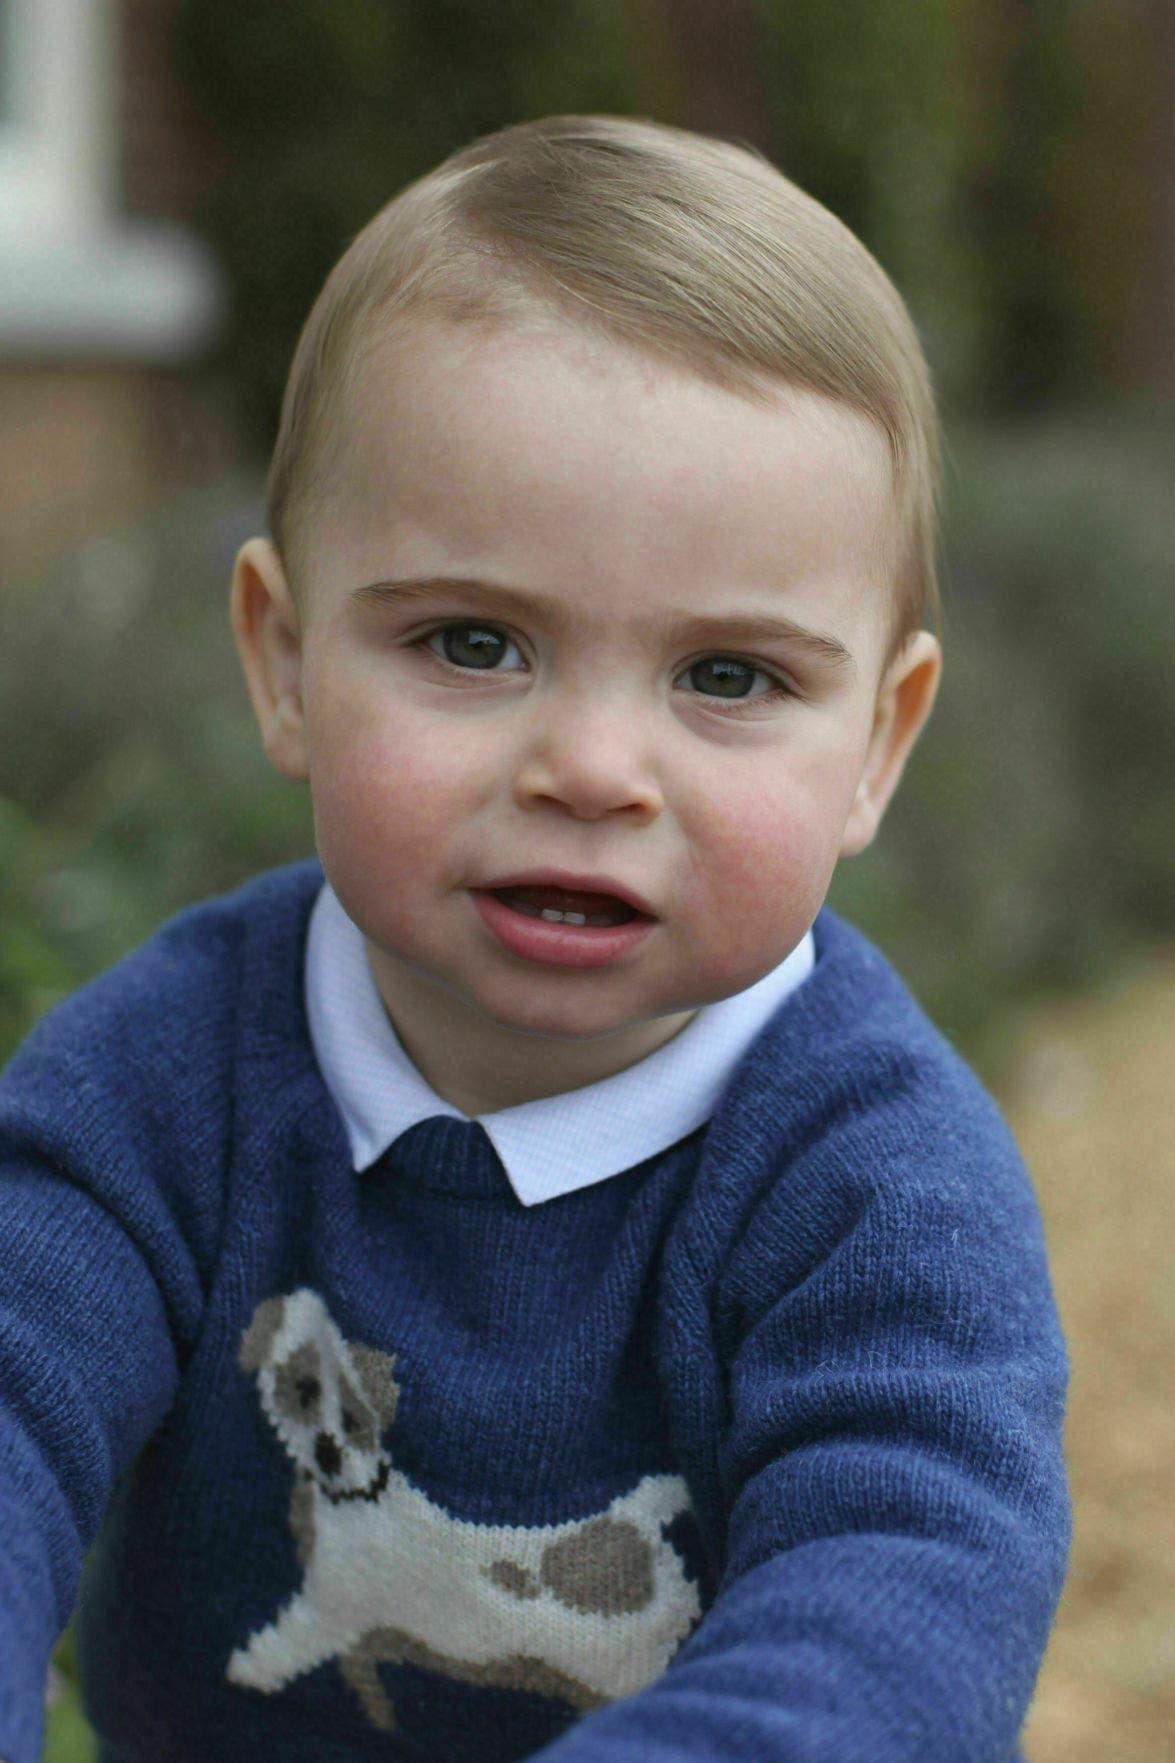 Las fotos, tomadas por Catalina, muestran al niño jugando en el jardín de la casa familiar en Norfolk, en la costa oriental inglesa.